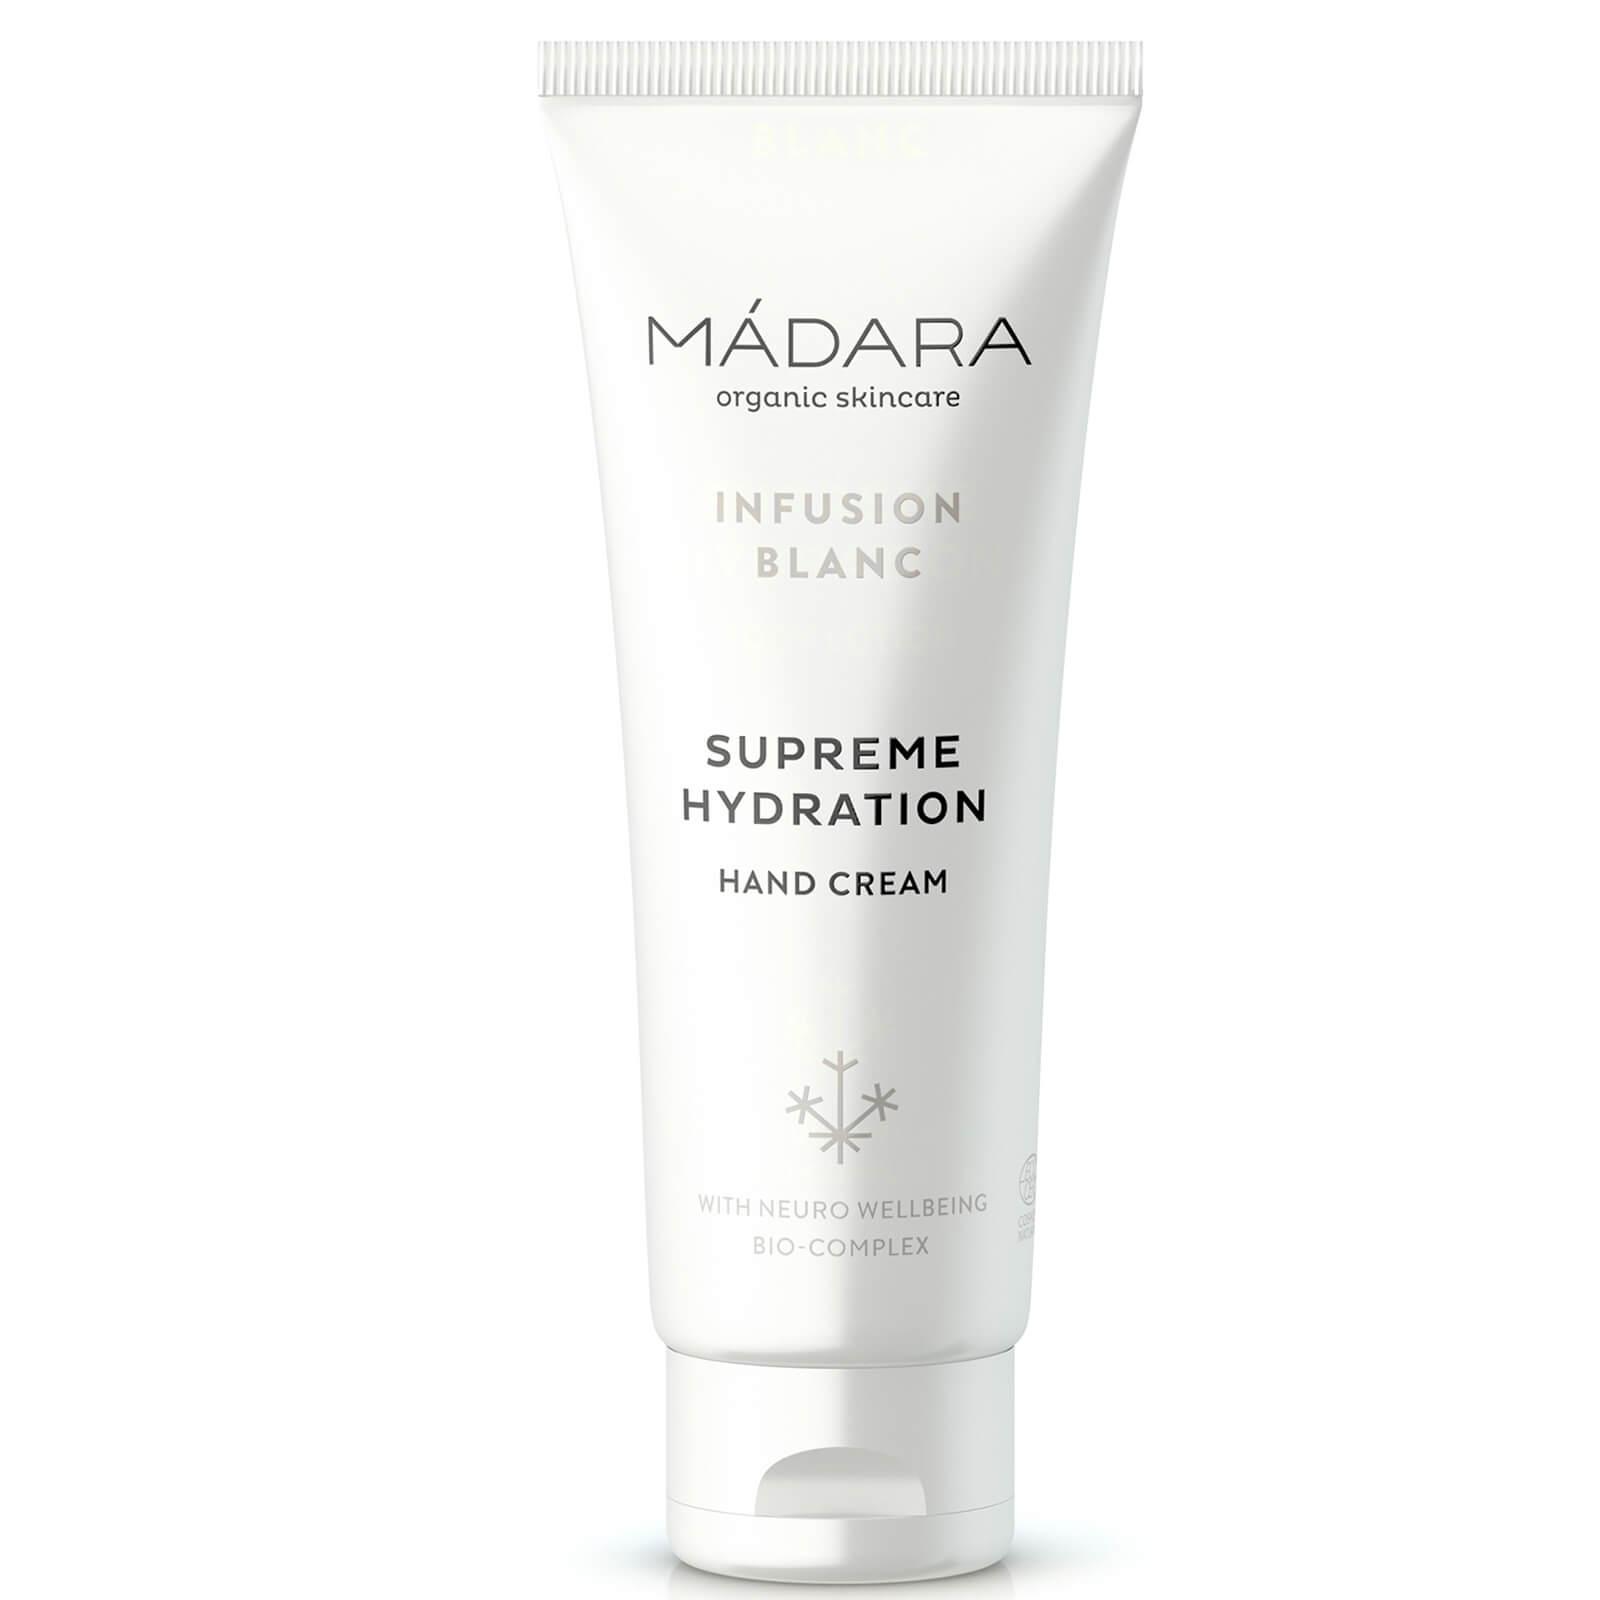 MADARA Crème pour les Mains « Hydratation Suprême - Infusion Blanc » (jasmin et reine-des-prés) MÁDARA 75 ml